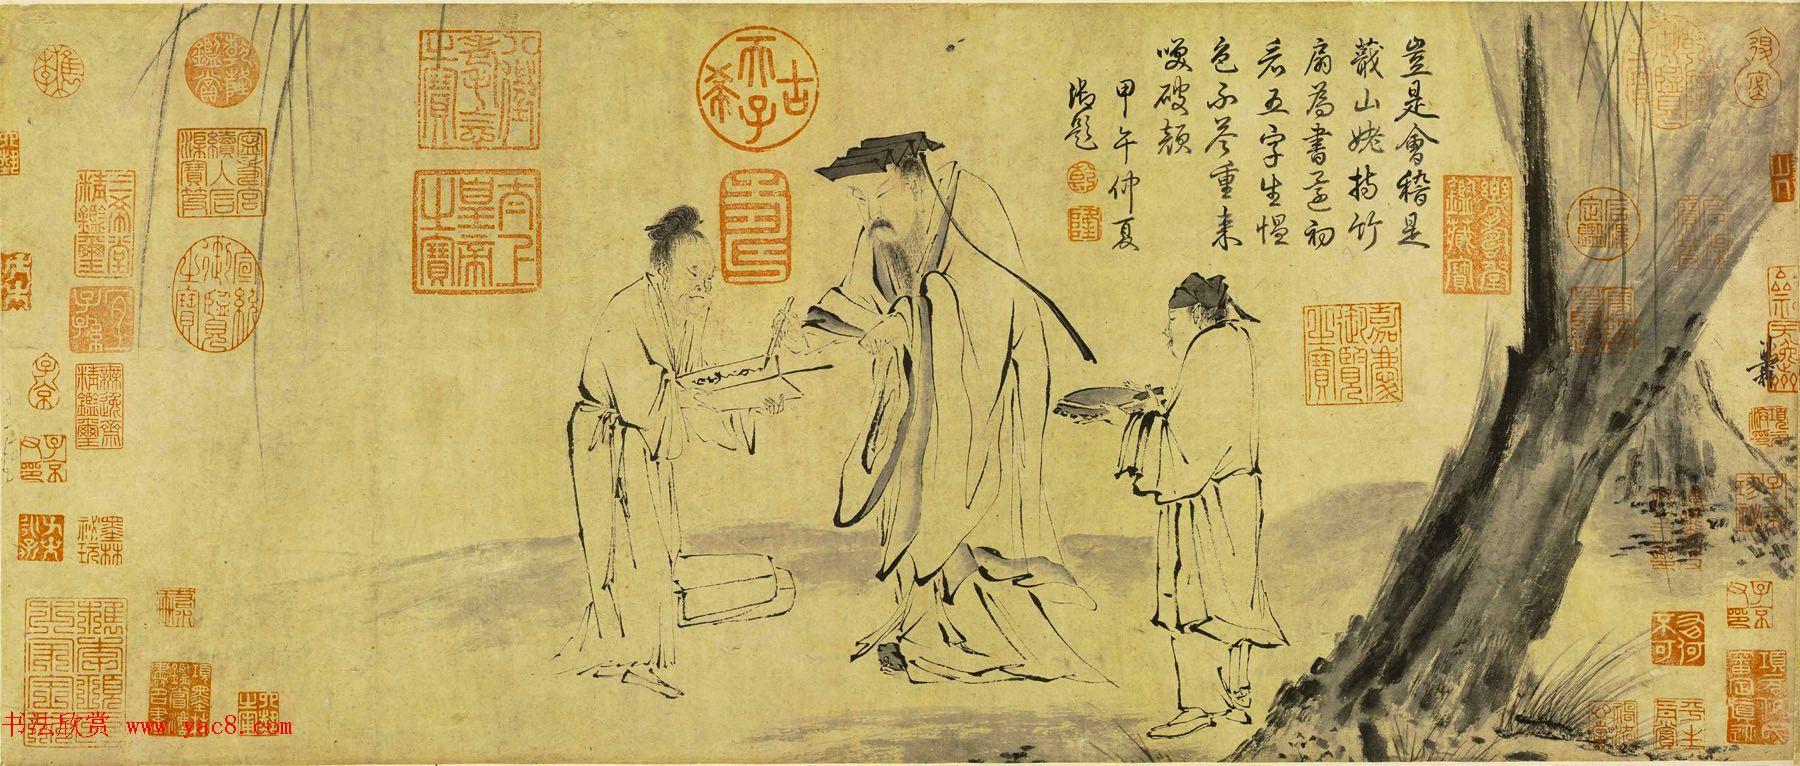 南宋梁楷简笔人物画《右军书扇图》卷